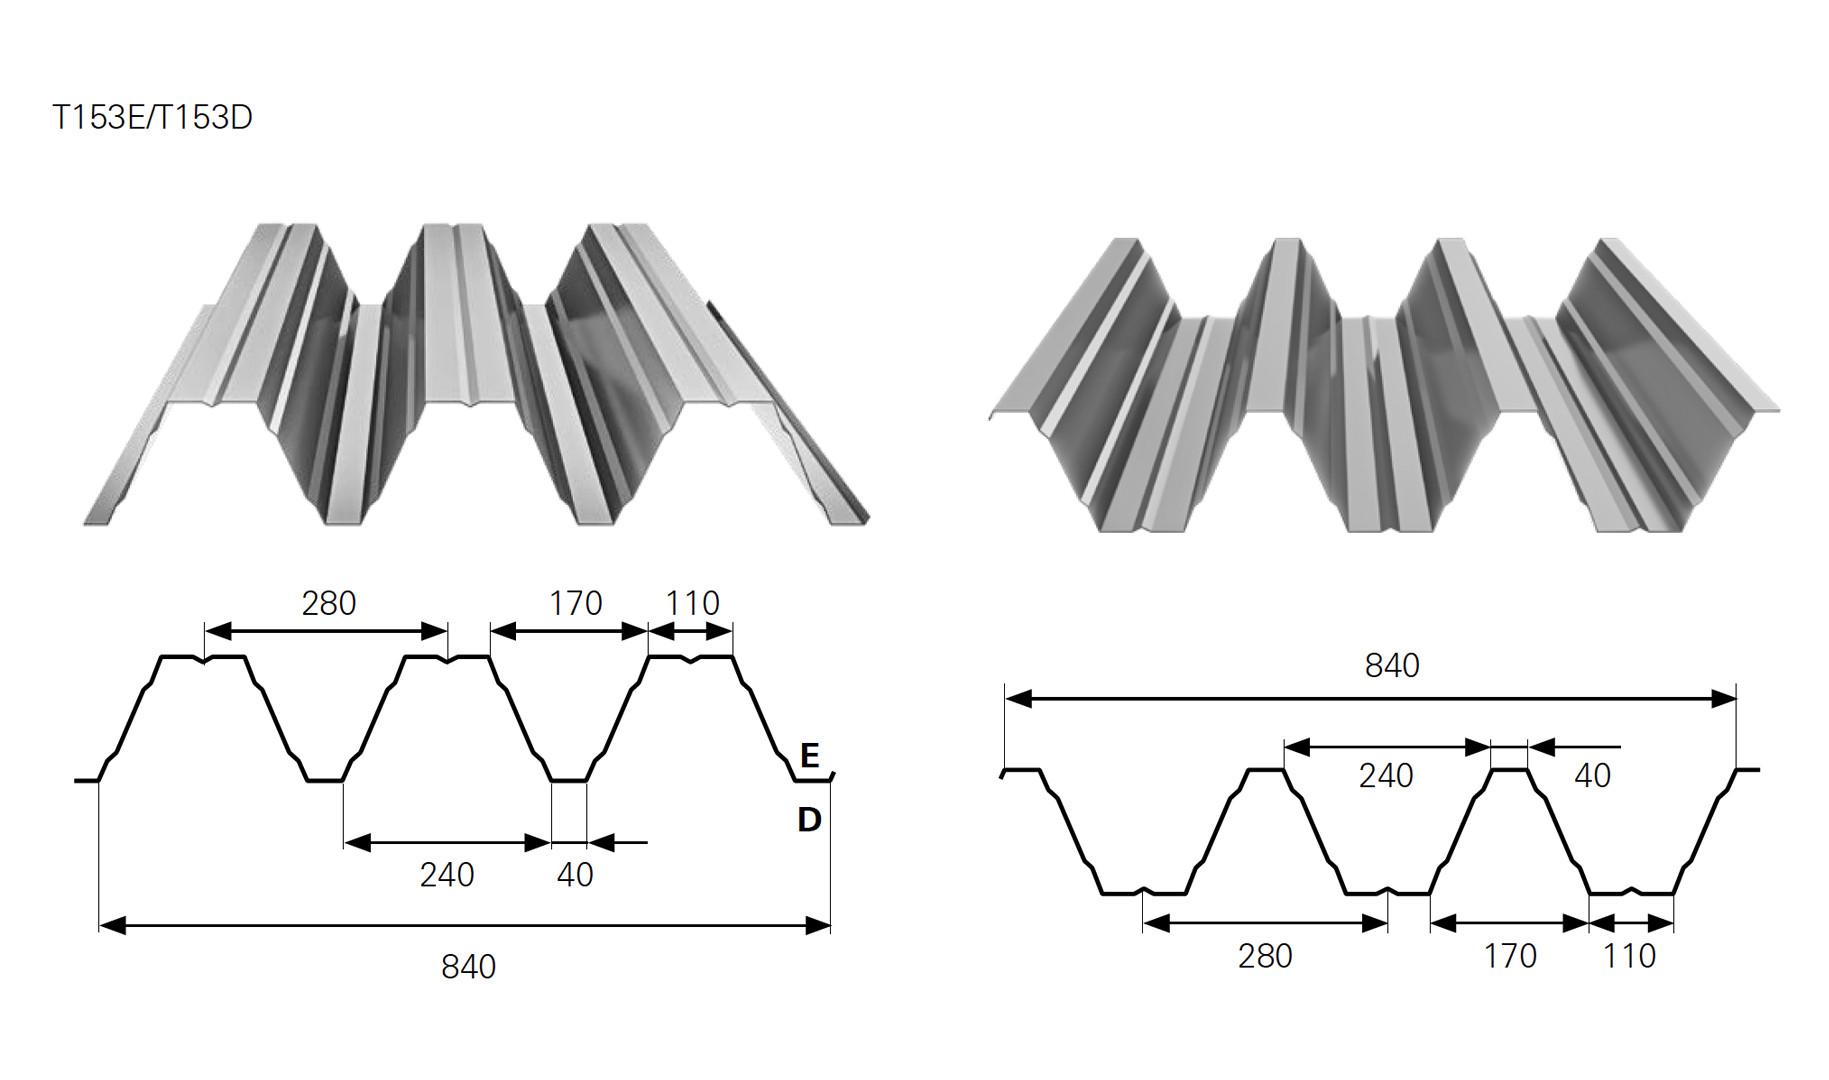 blacha trapezowa t153 specyfikacja